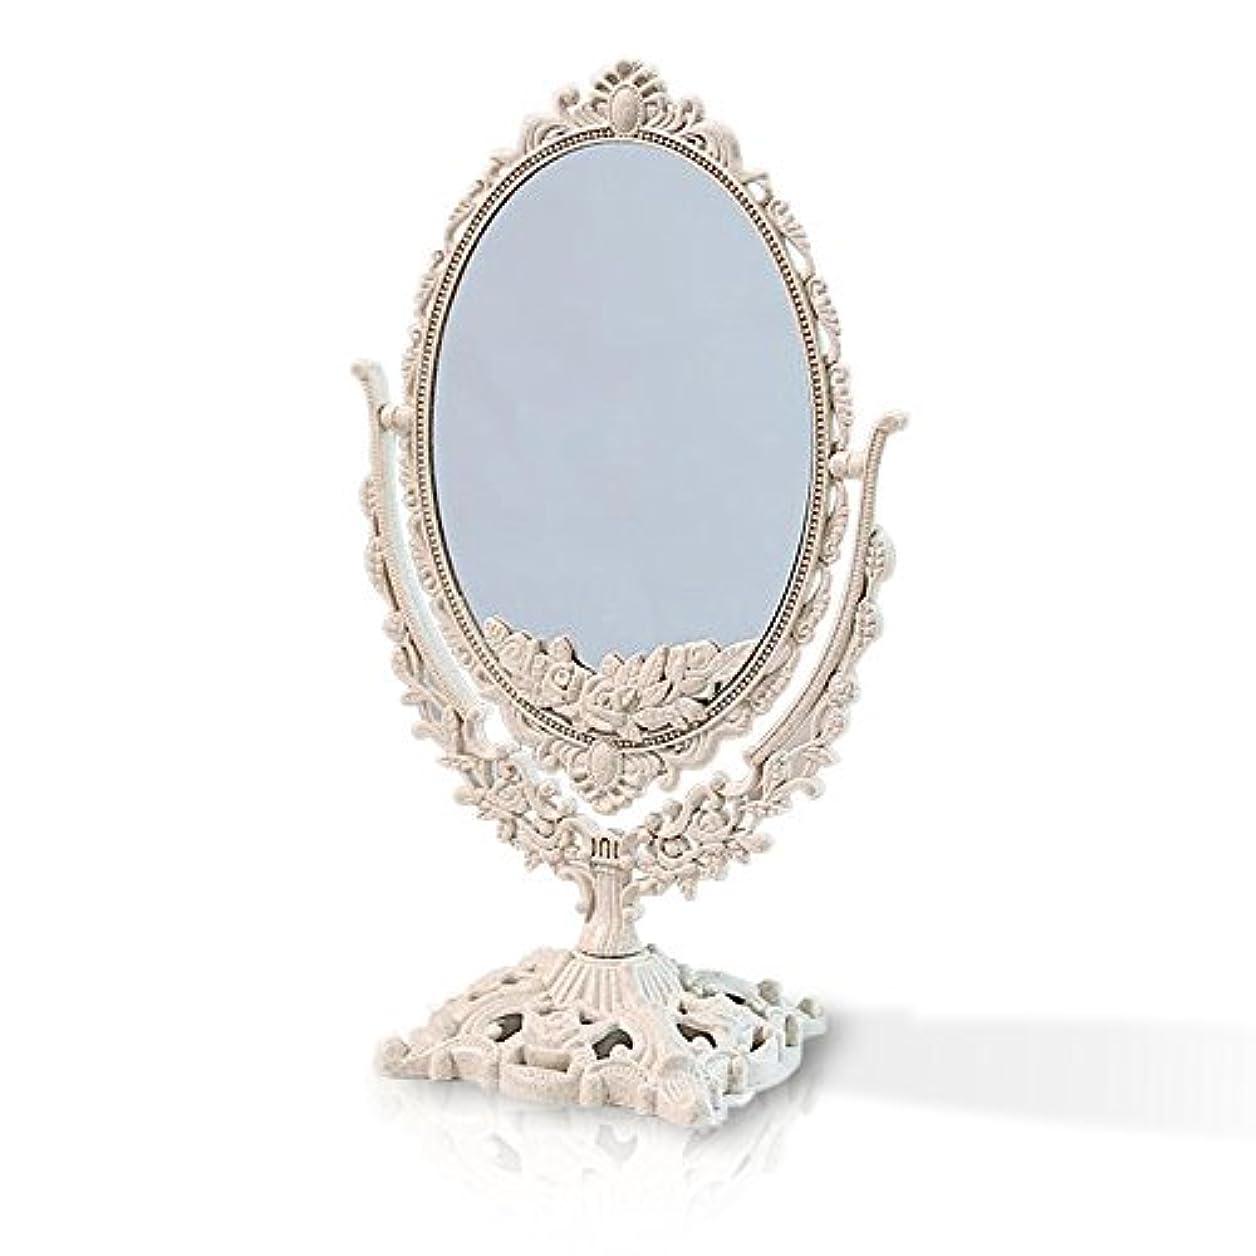 沿ってスナック折る桜の雪 【3倍拡大鏡付き】 両面化粧鏡  ヨーロッパ式 (大きい型)